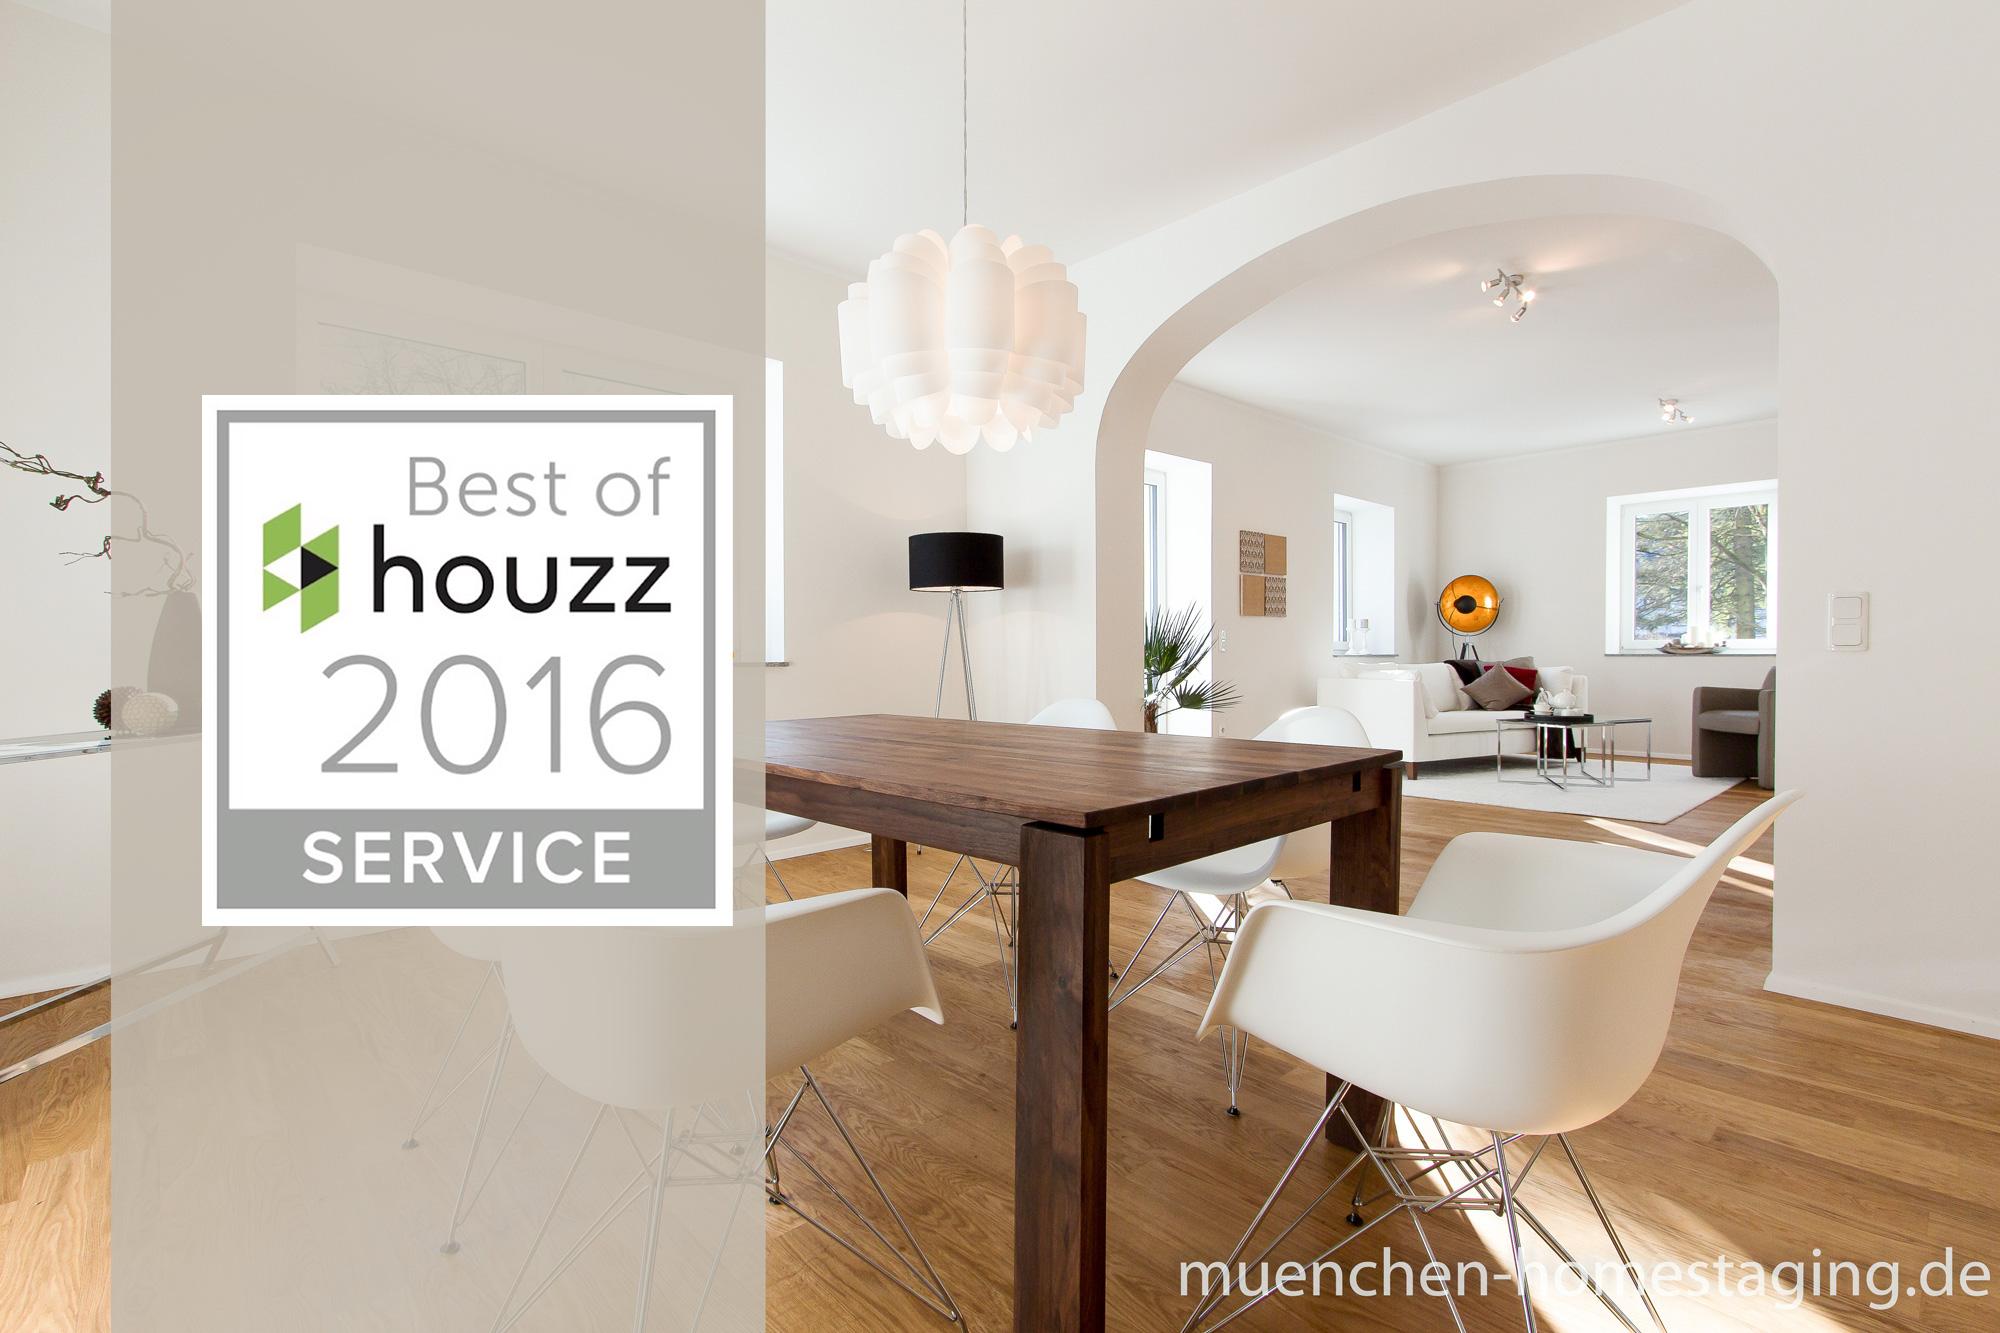 Muenchner Homestaging Agentur – Award